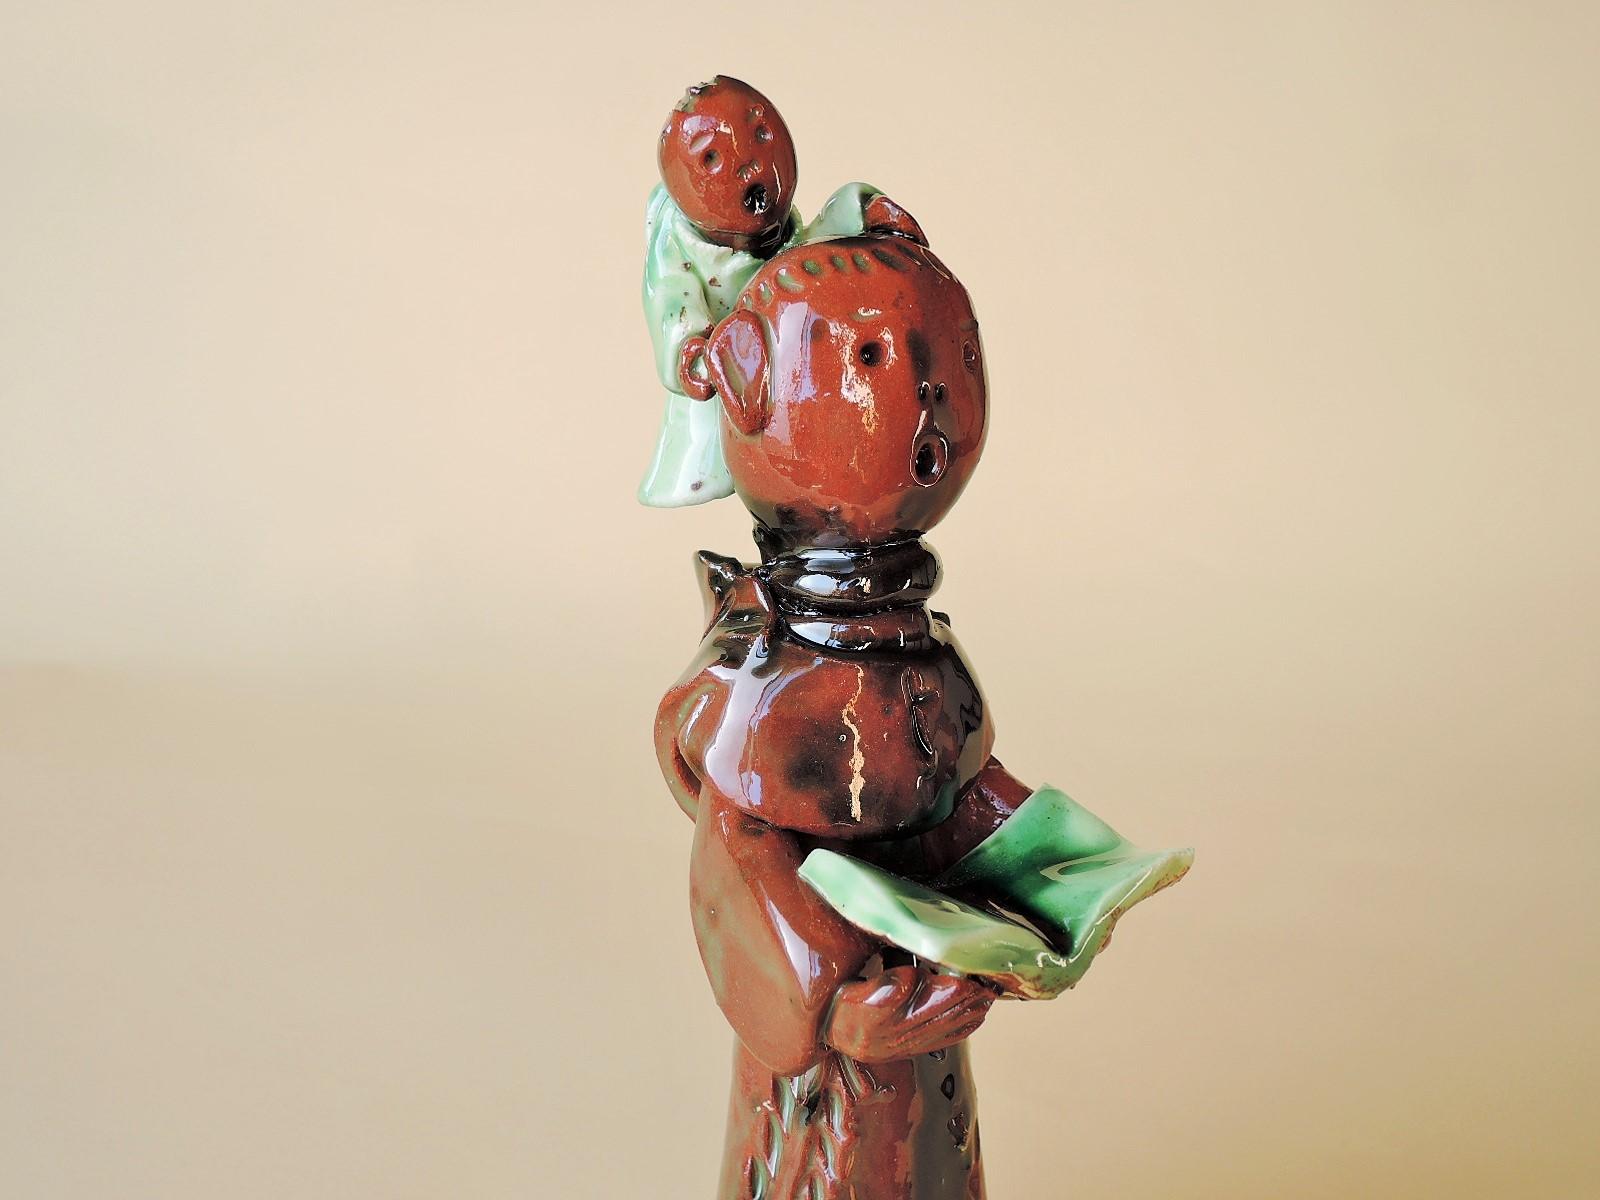 ラゥリンダピアス(ポルトガル)さんの陶人形 聖アントニオ